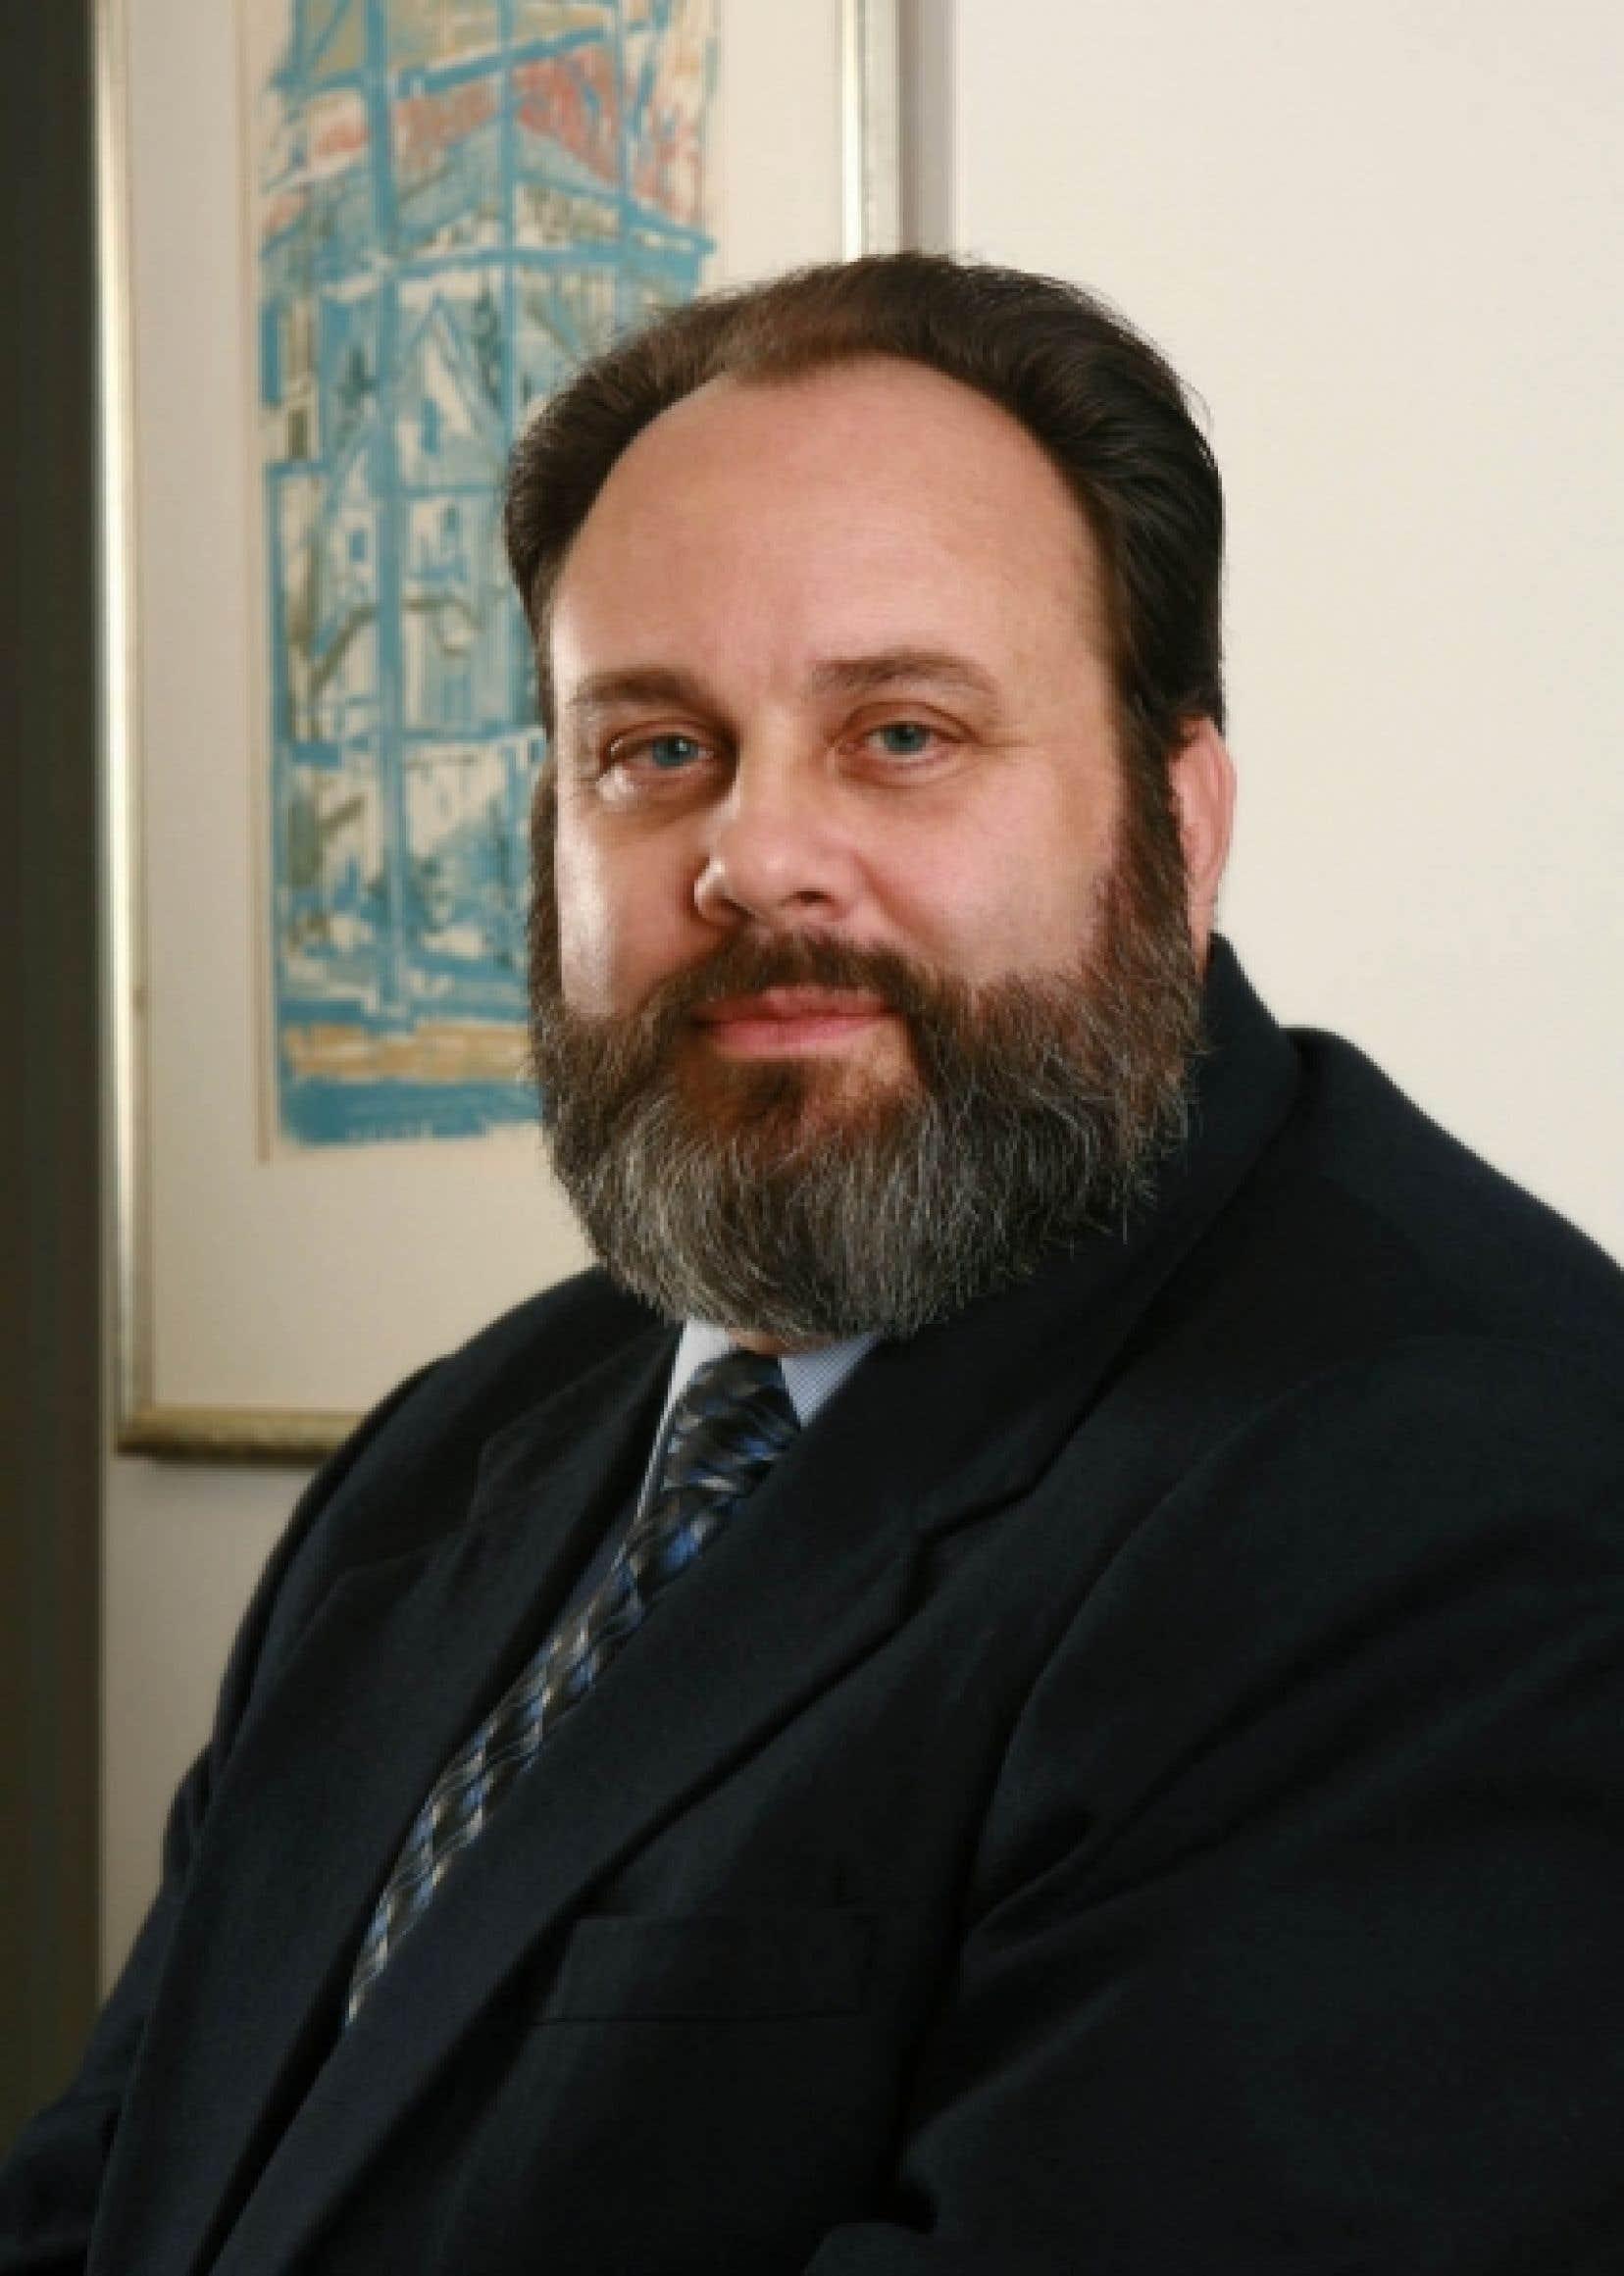 Robert G. Picard est rédacteur en chef du Journal of Media Business Studies.